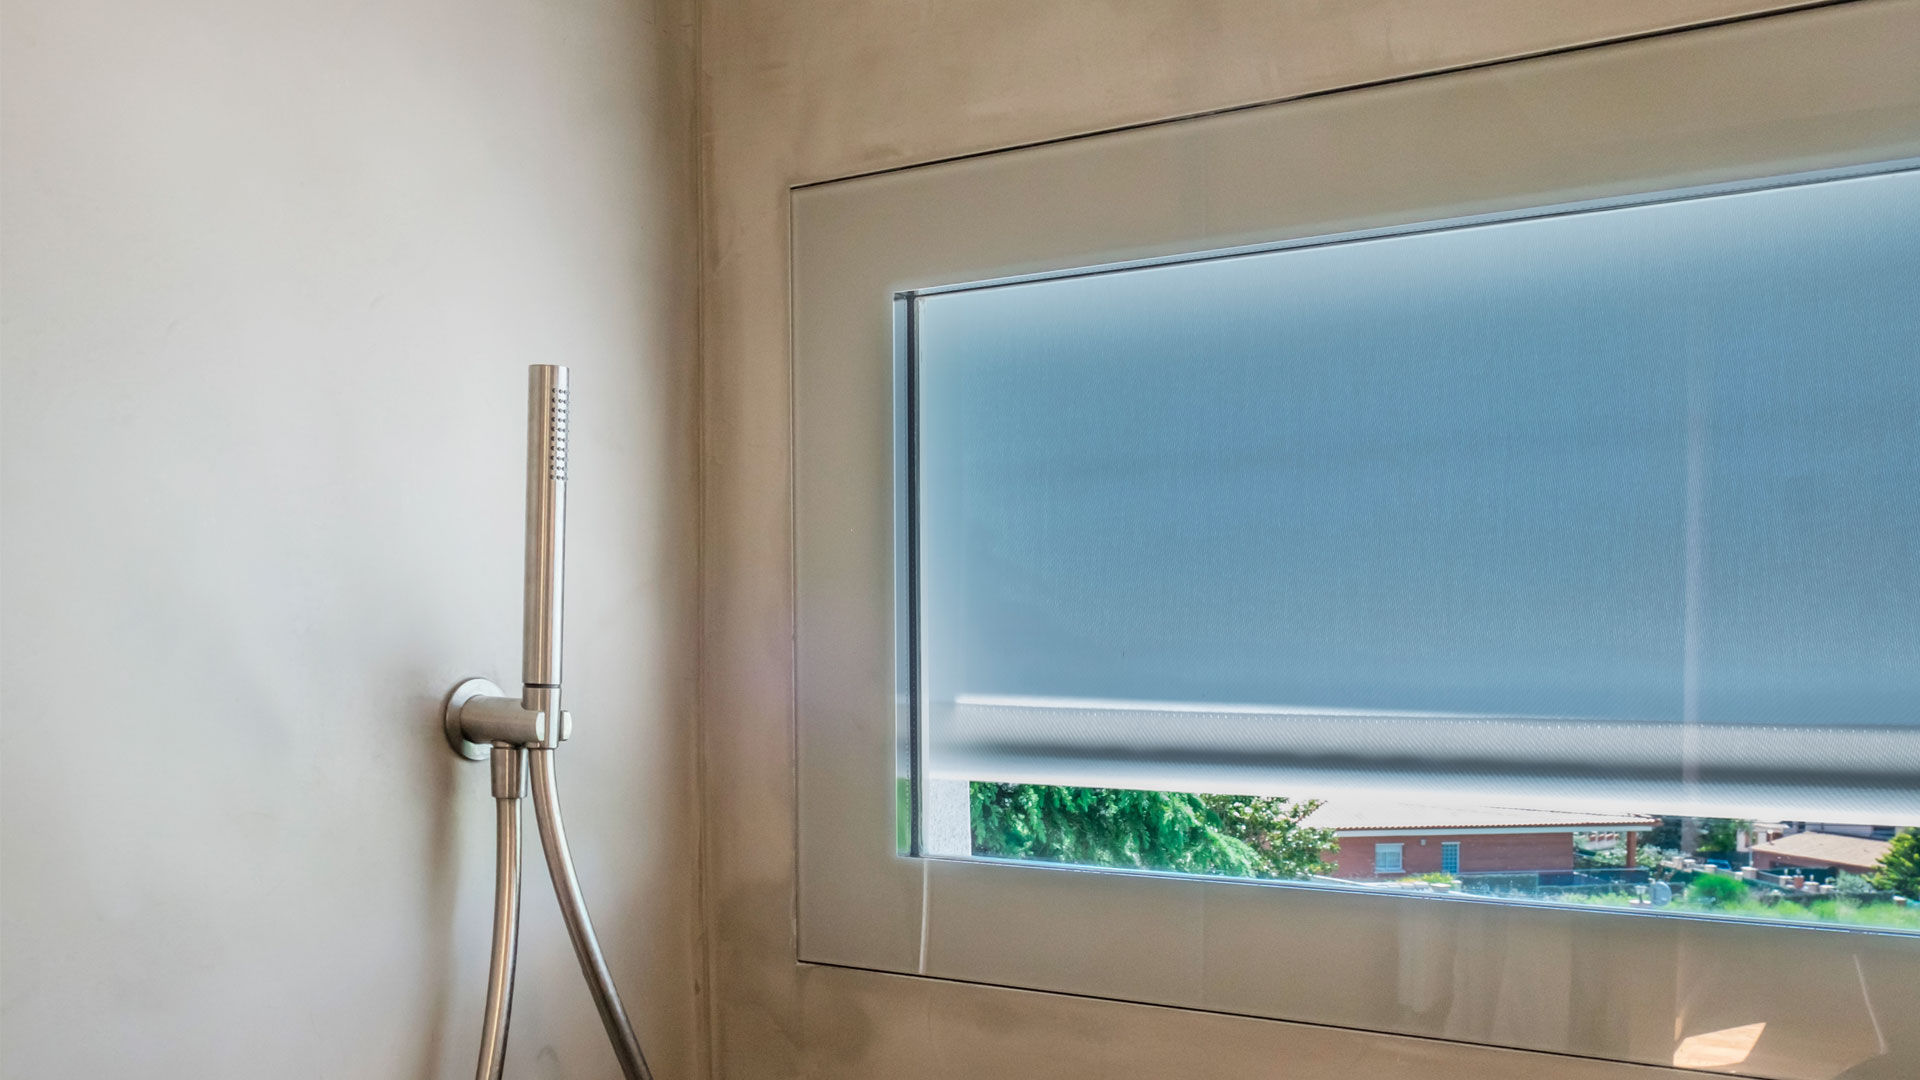 fotografia de ventana oscilobatiente sin perfiles de aluminio 2019